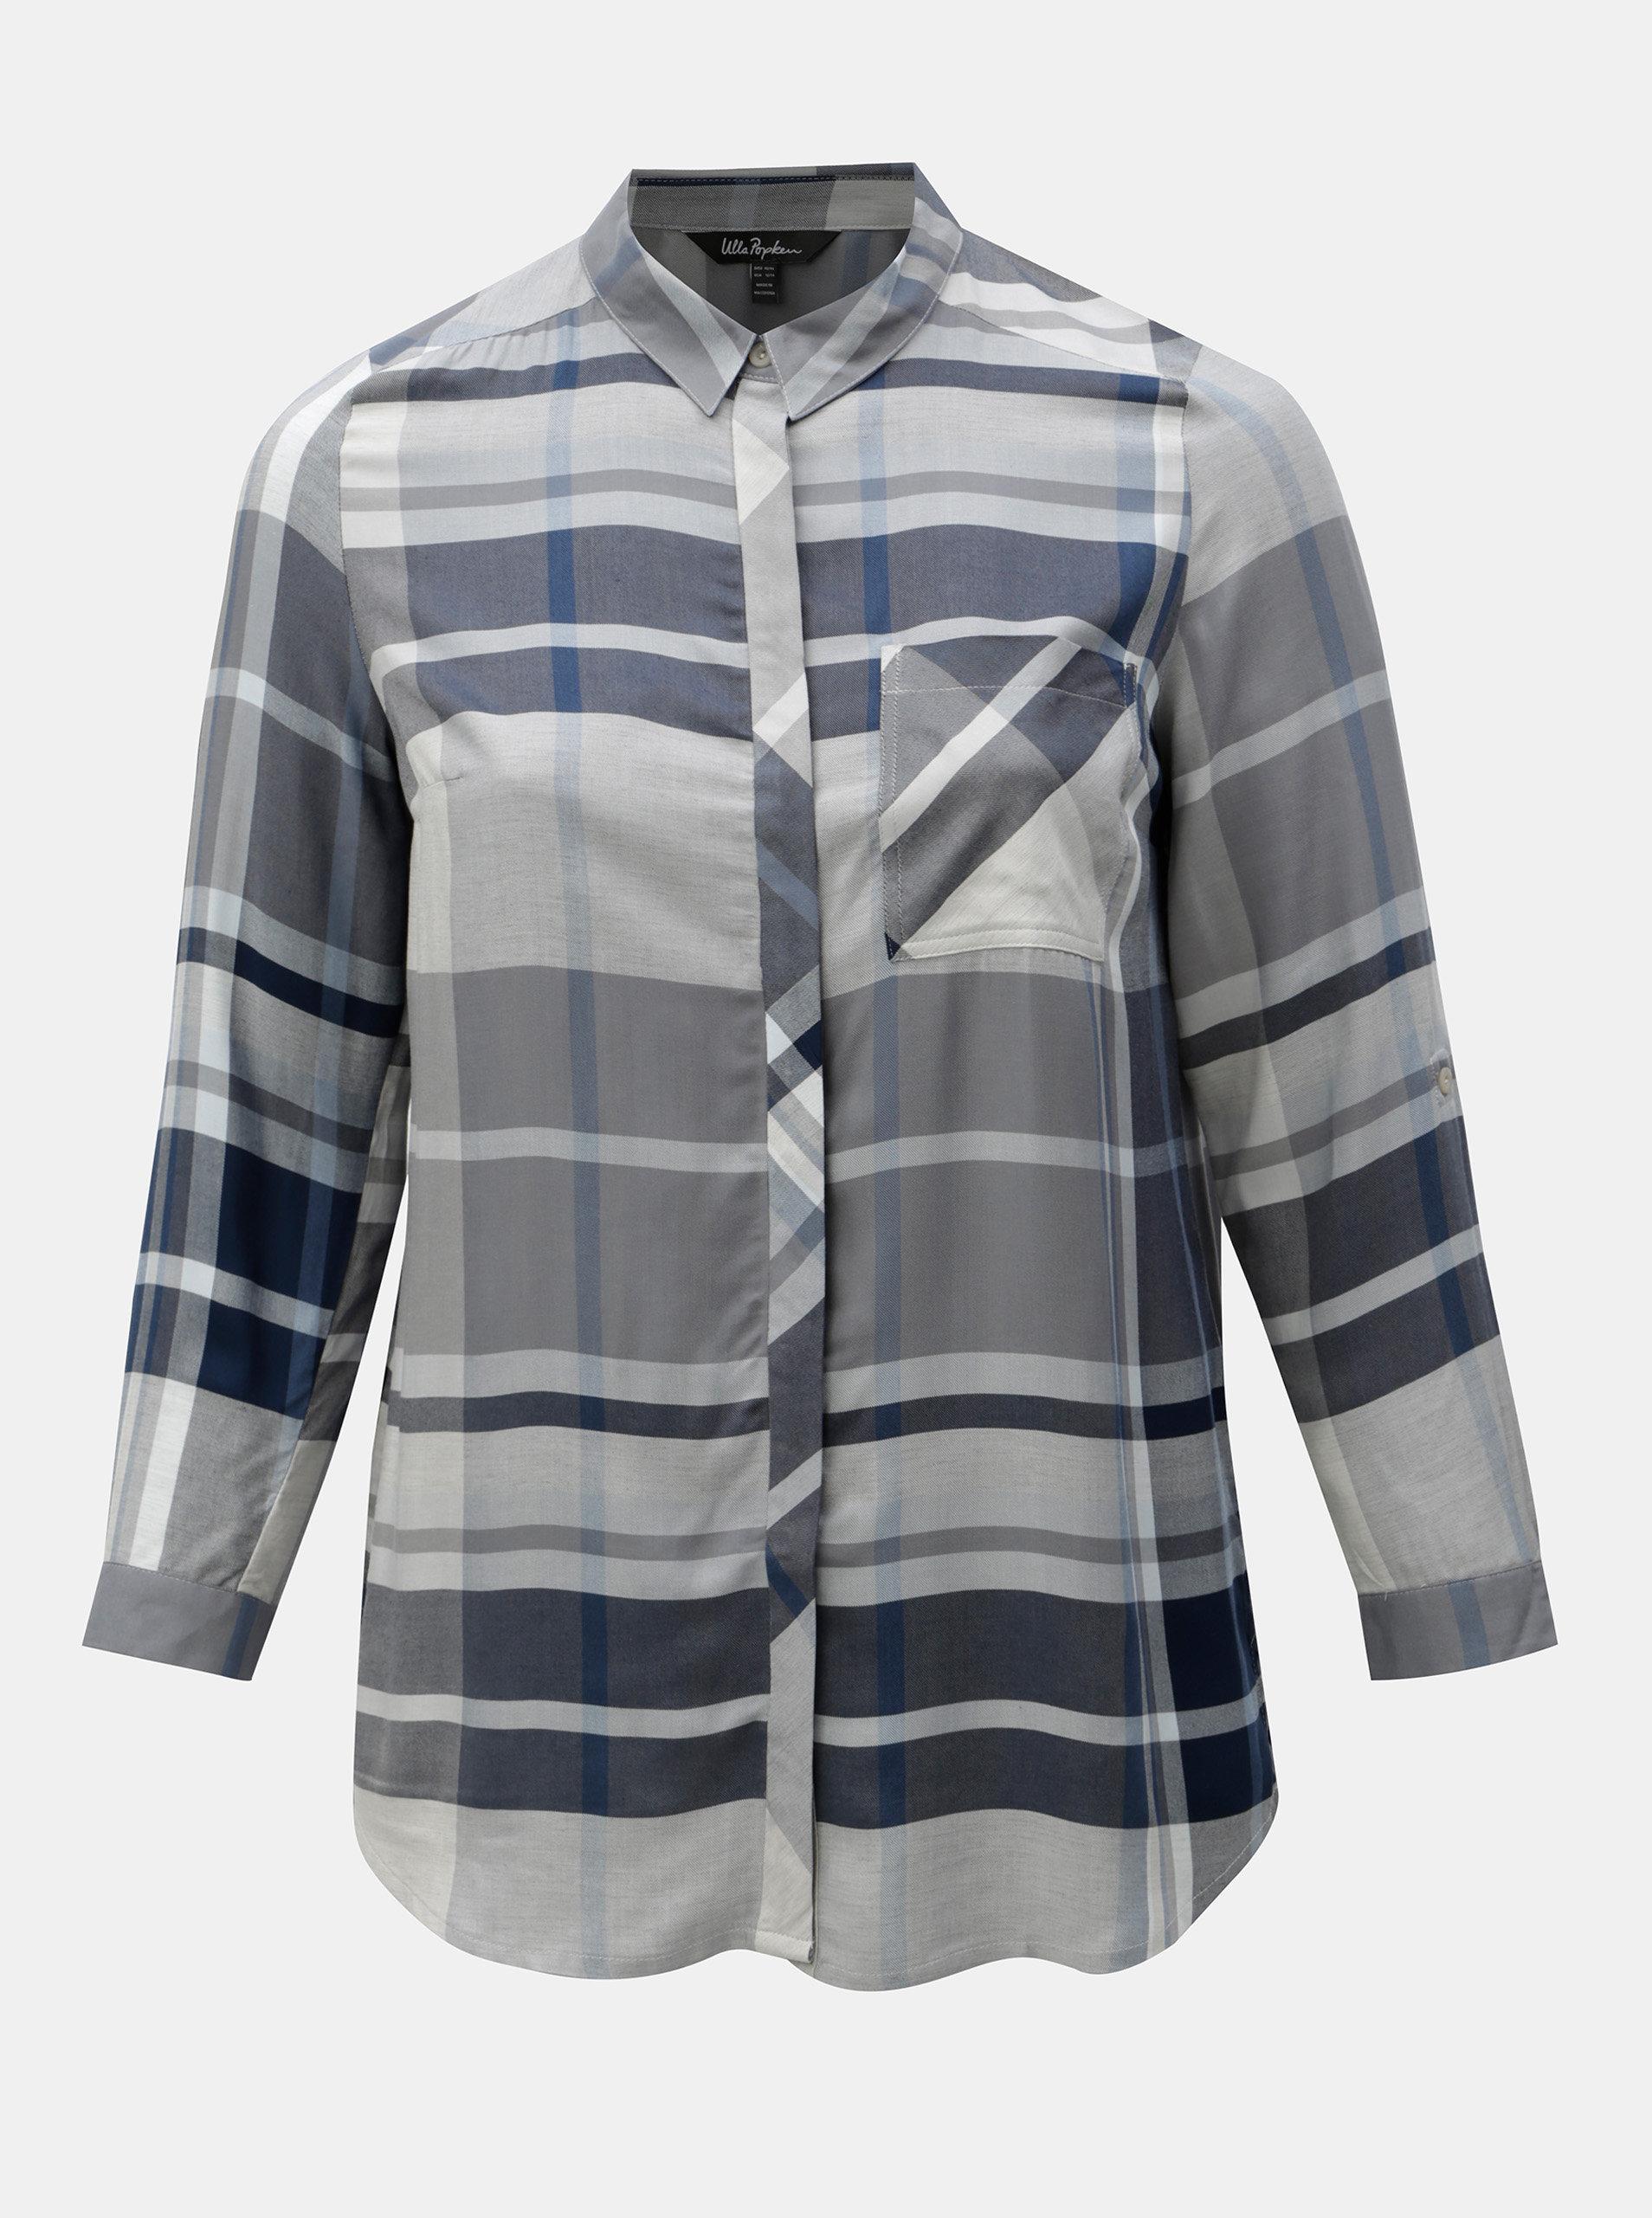 02b023e0575 Modro-šedá kostkovaná košile Ulla Popken ...